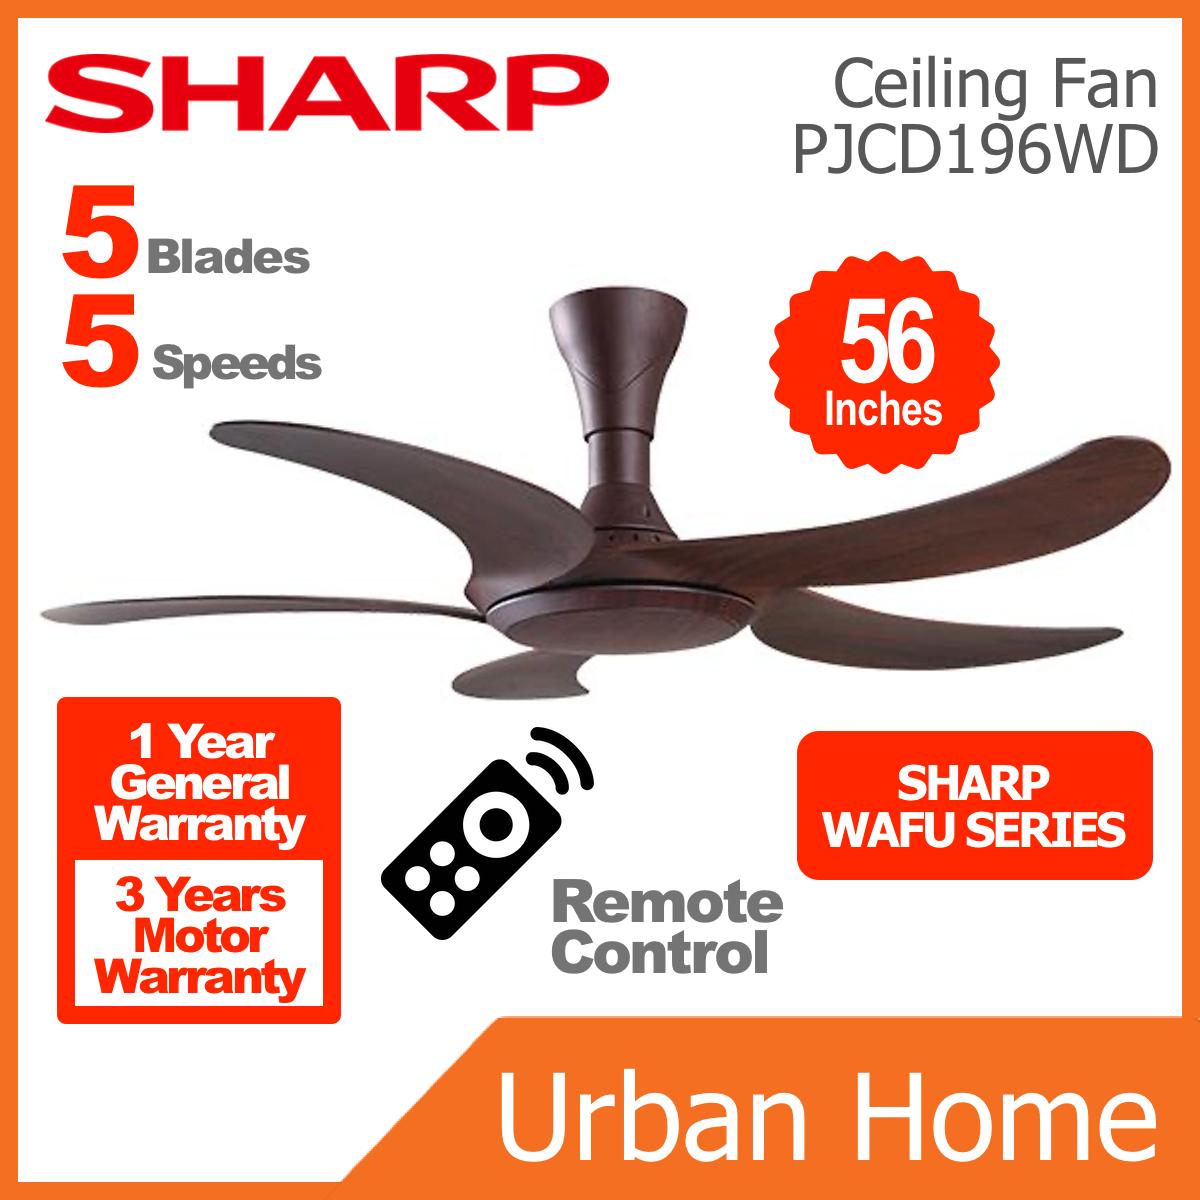 """SHARP 56"""" 5 Blade Wafu Kipas Ceiling Fan (PJCD196WD)"""